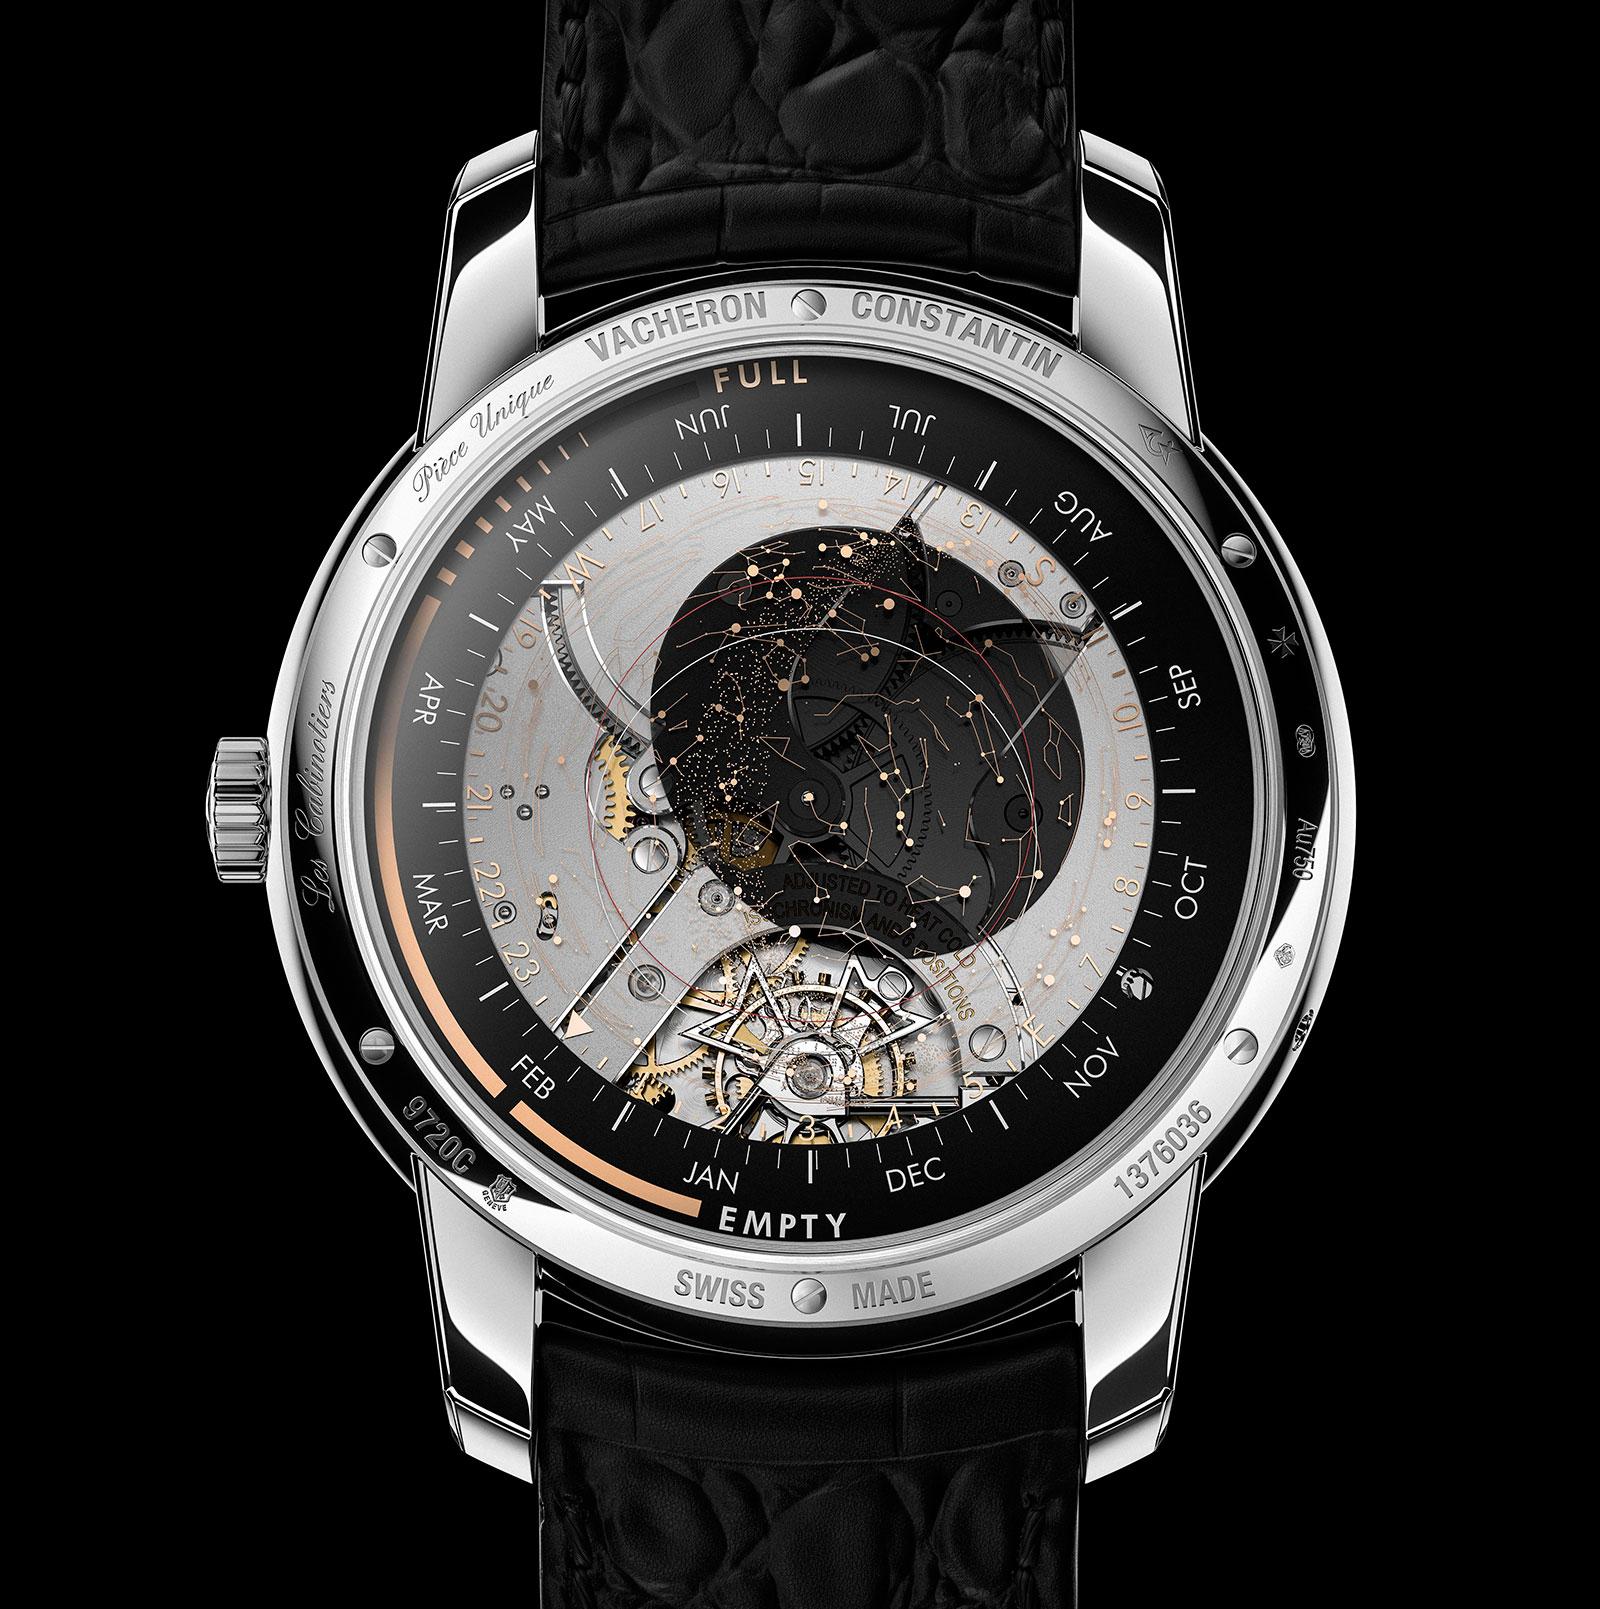 Vacheron-Constantin-Celestia-Astronomical-Grand-Complication-3600-8.jpg